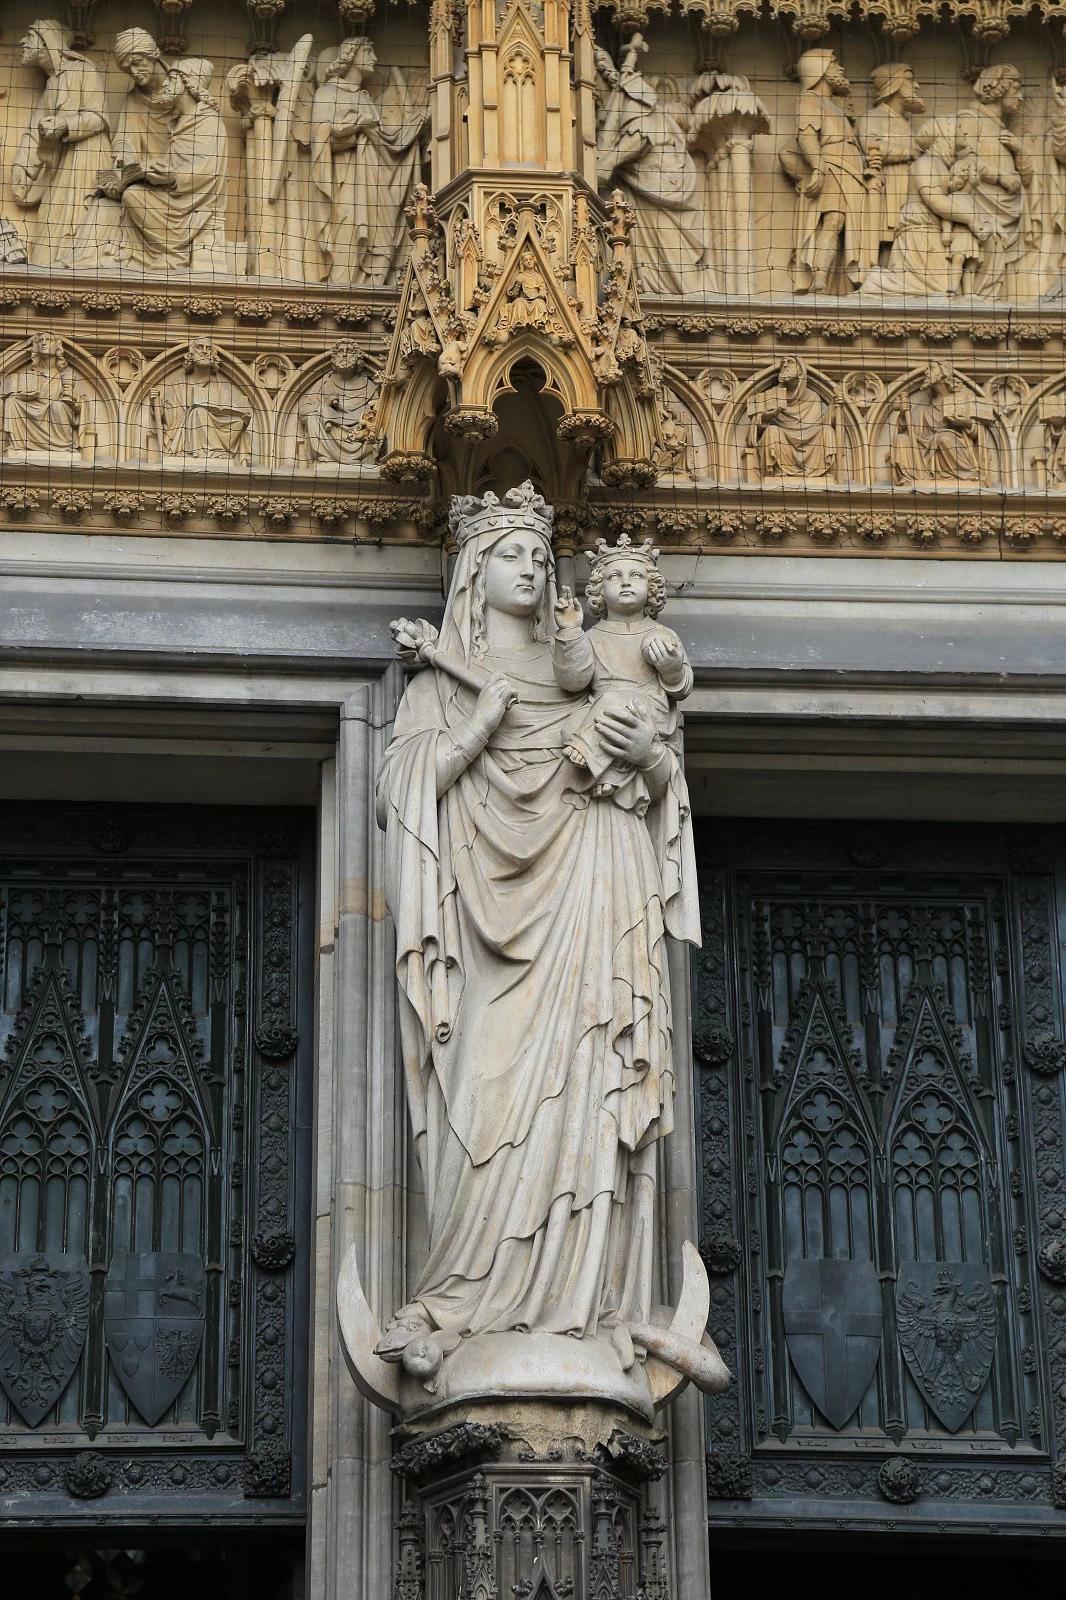 万多方米,全装有描绘圣经人物的彩色玻璃,被称为法兰西火焰式,使教堂图片